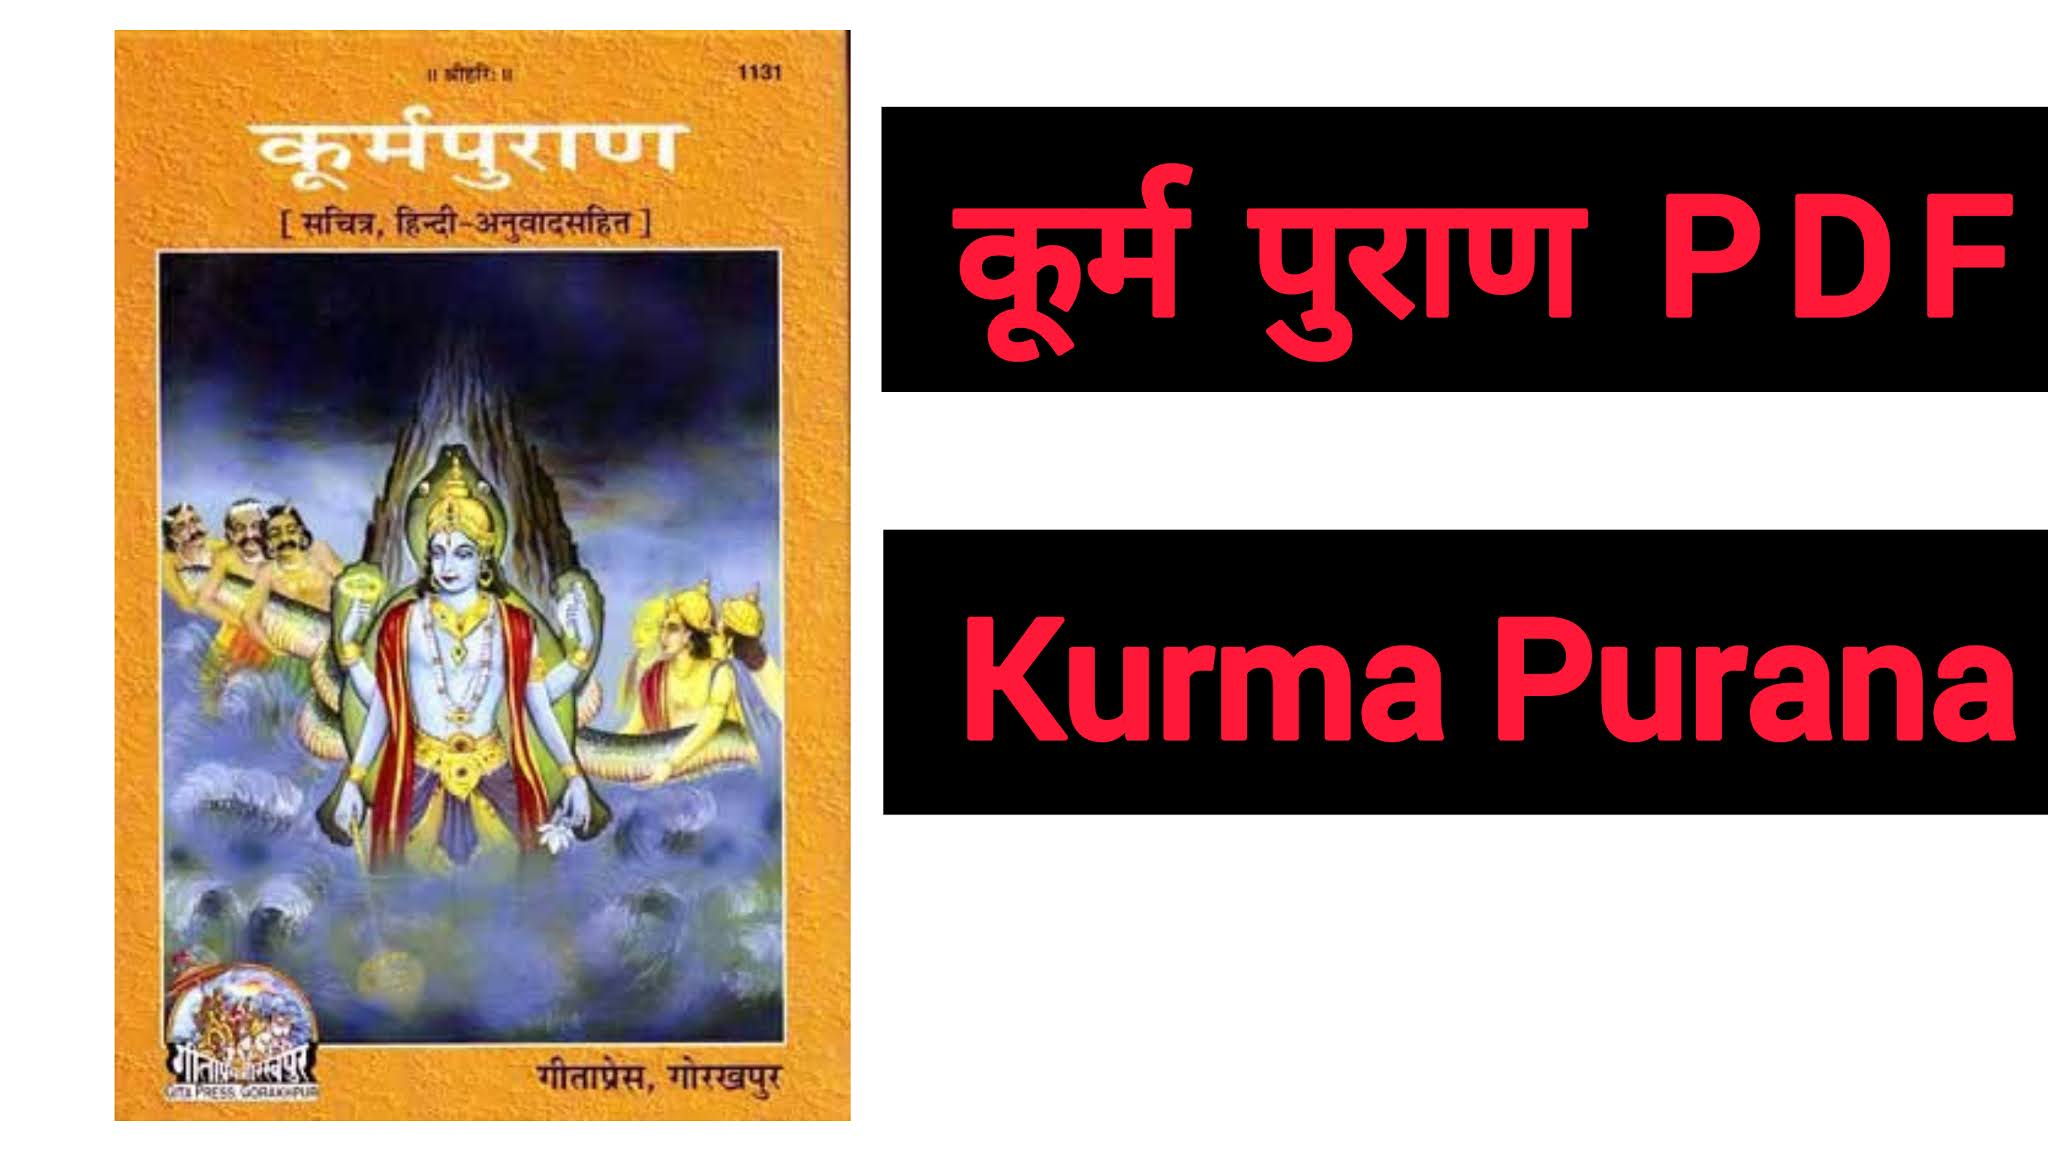 Kurma Purana PDF